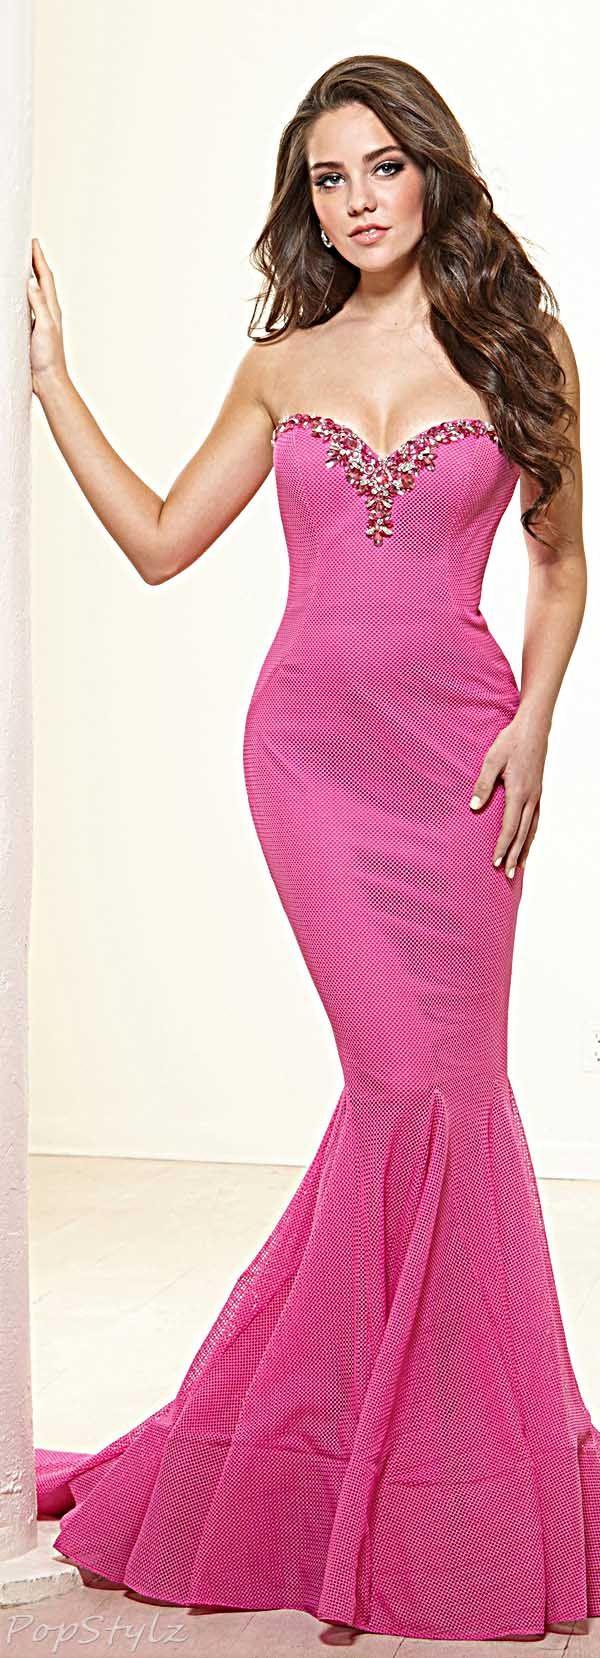 Terani Couture Fuchsia Gown | Gown Rage | Pinterest